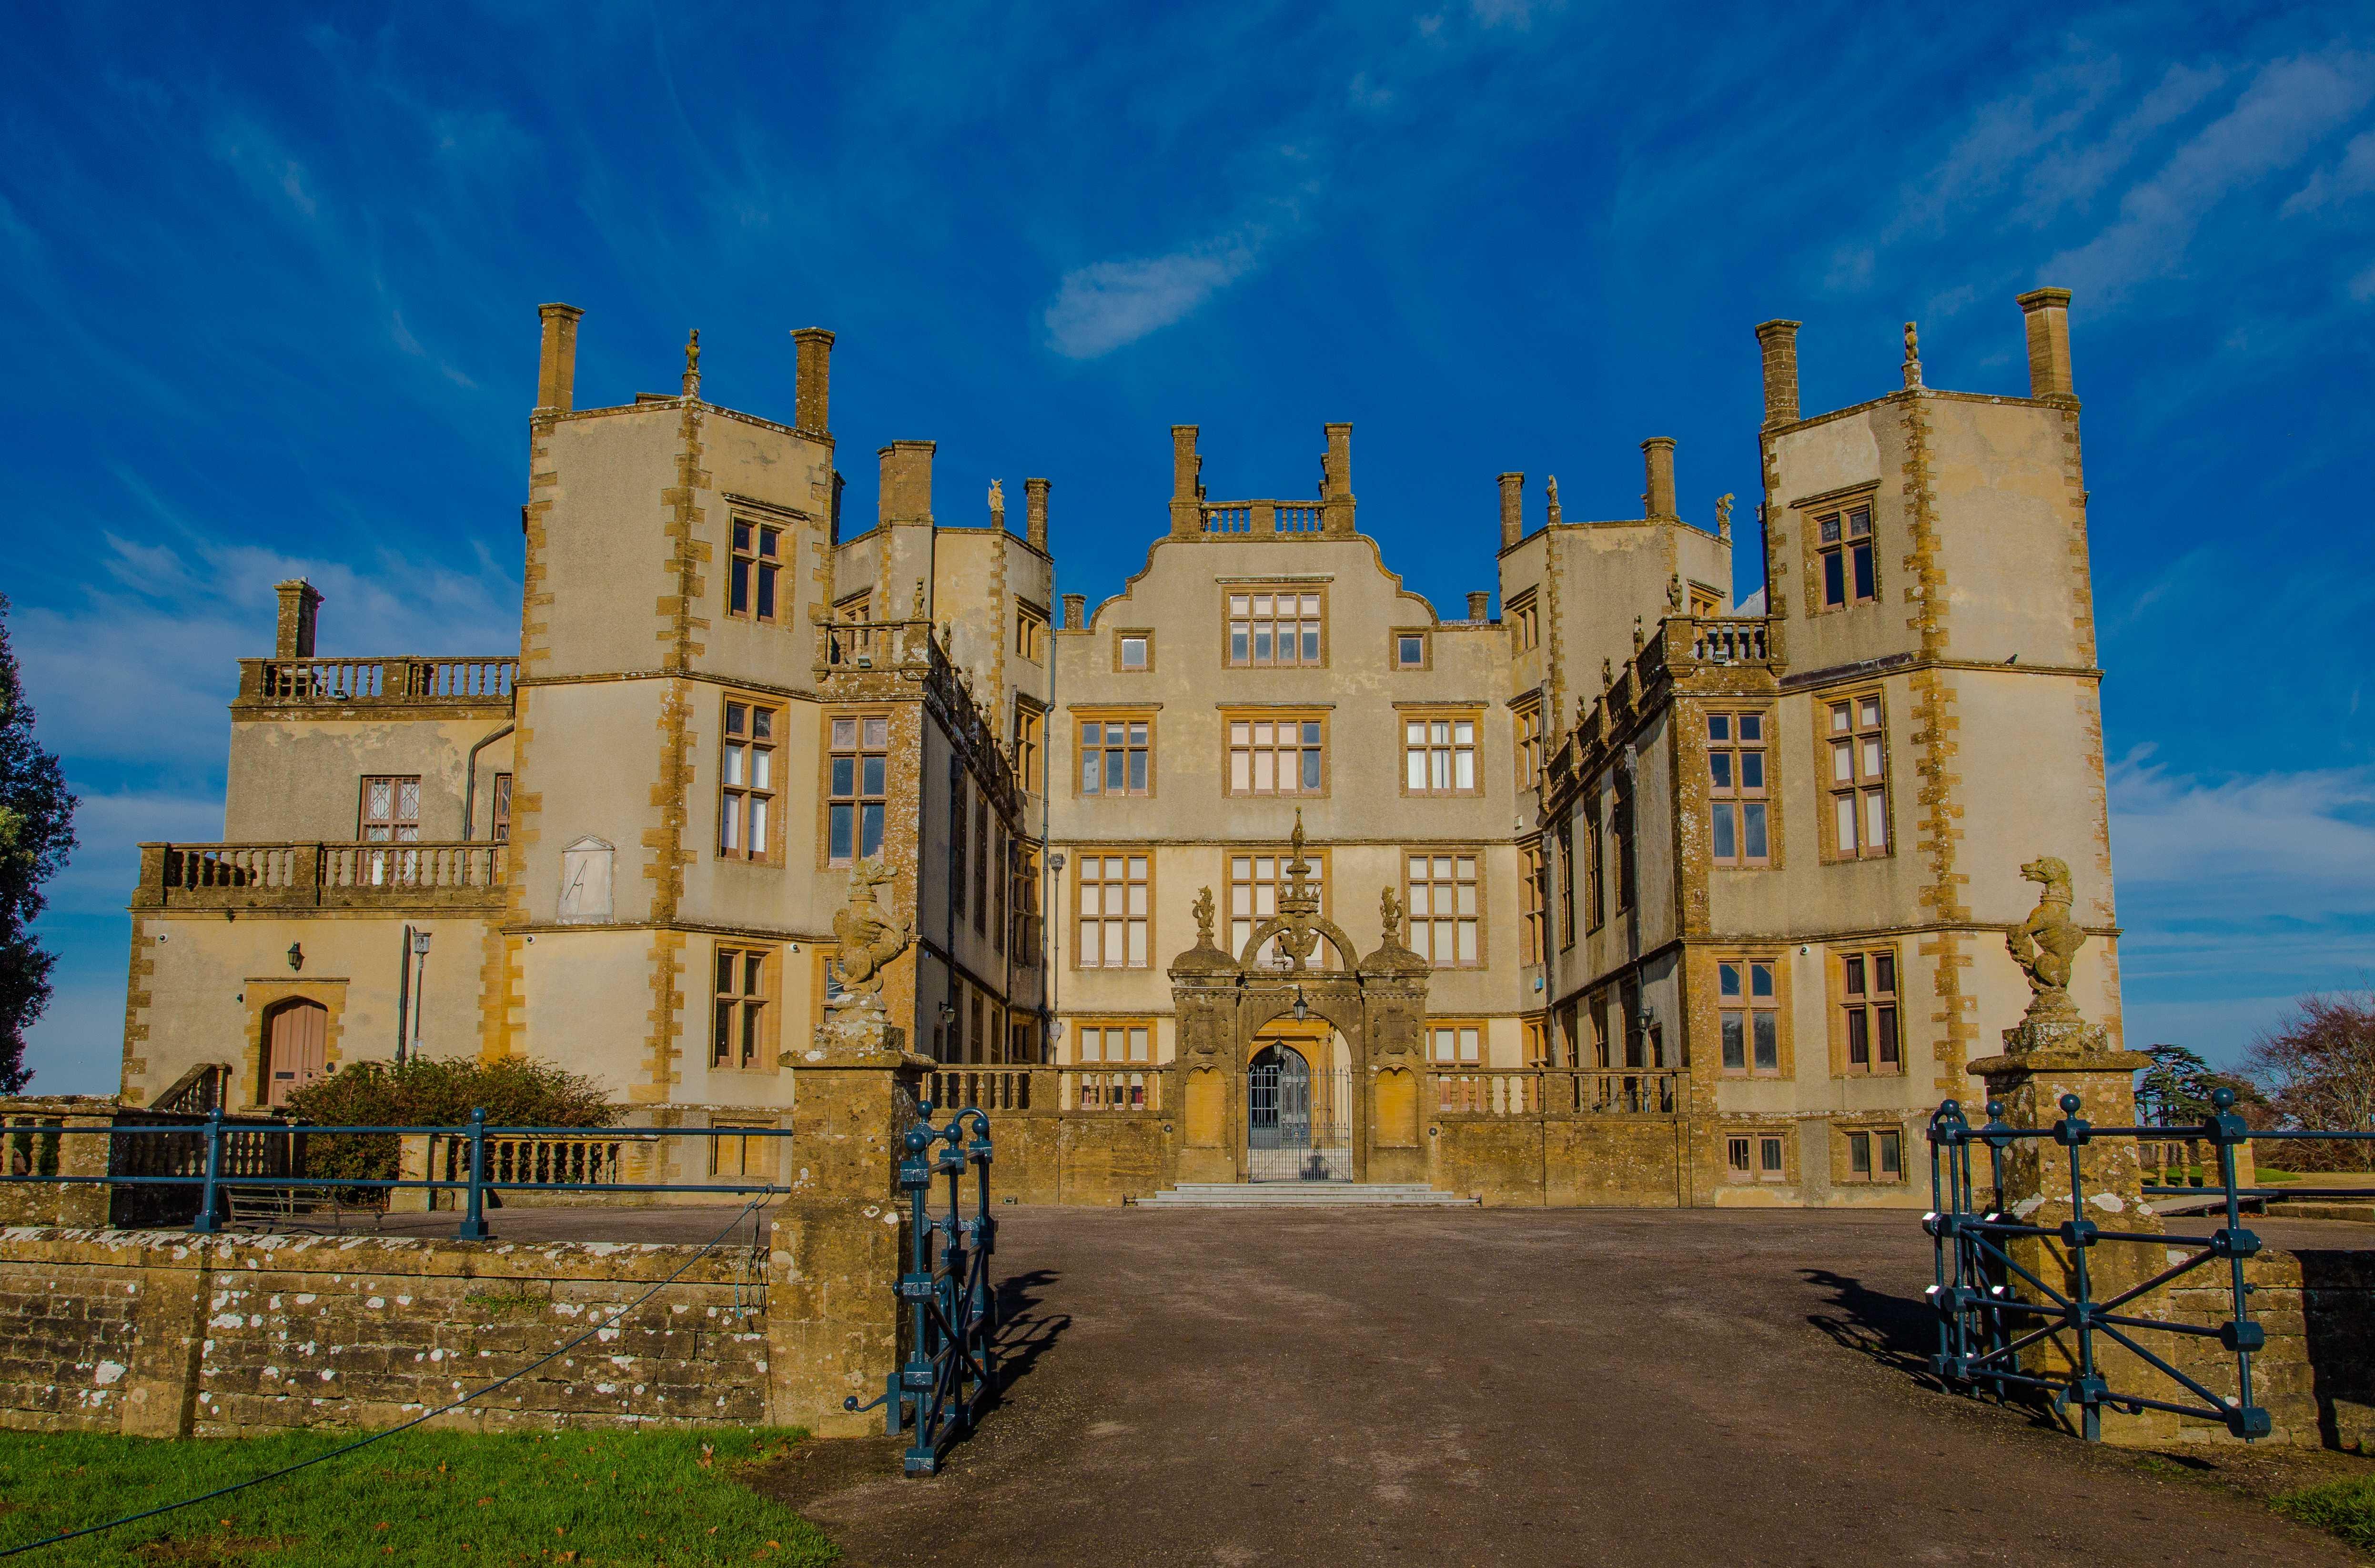 Sherborne Castle and Gardens, Dorset, England